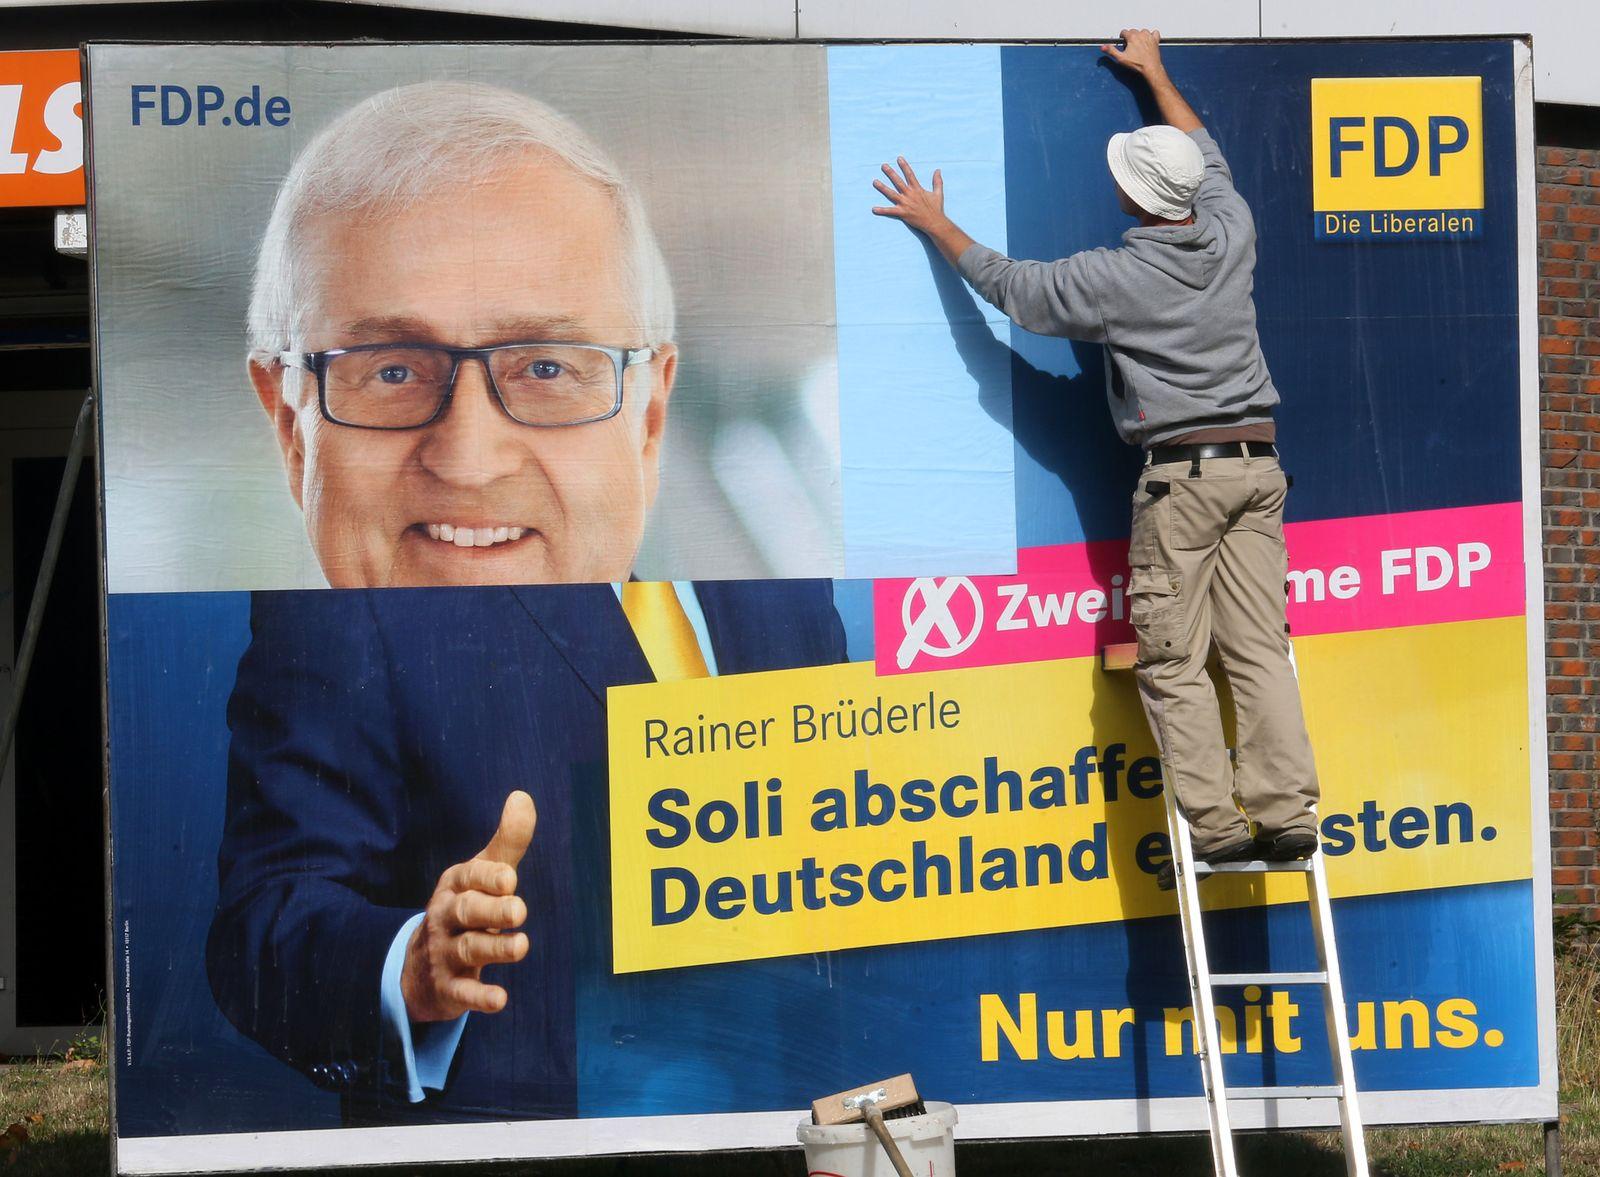 FDP-Wahlplakat 2013